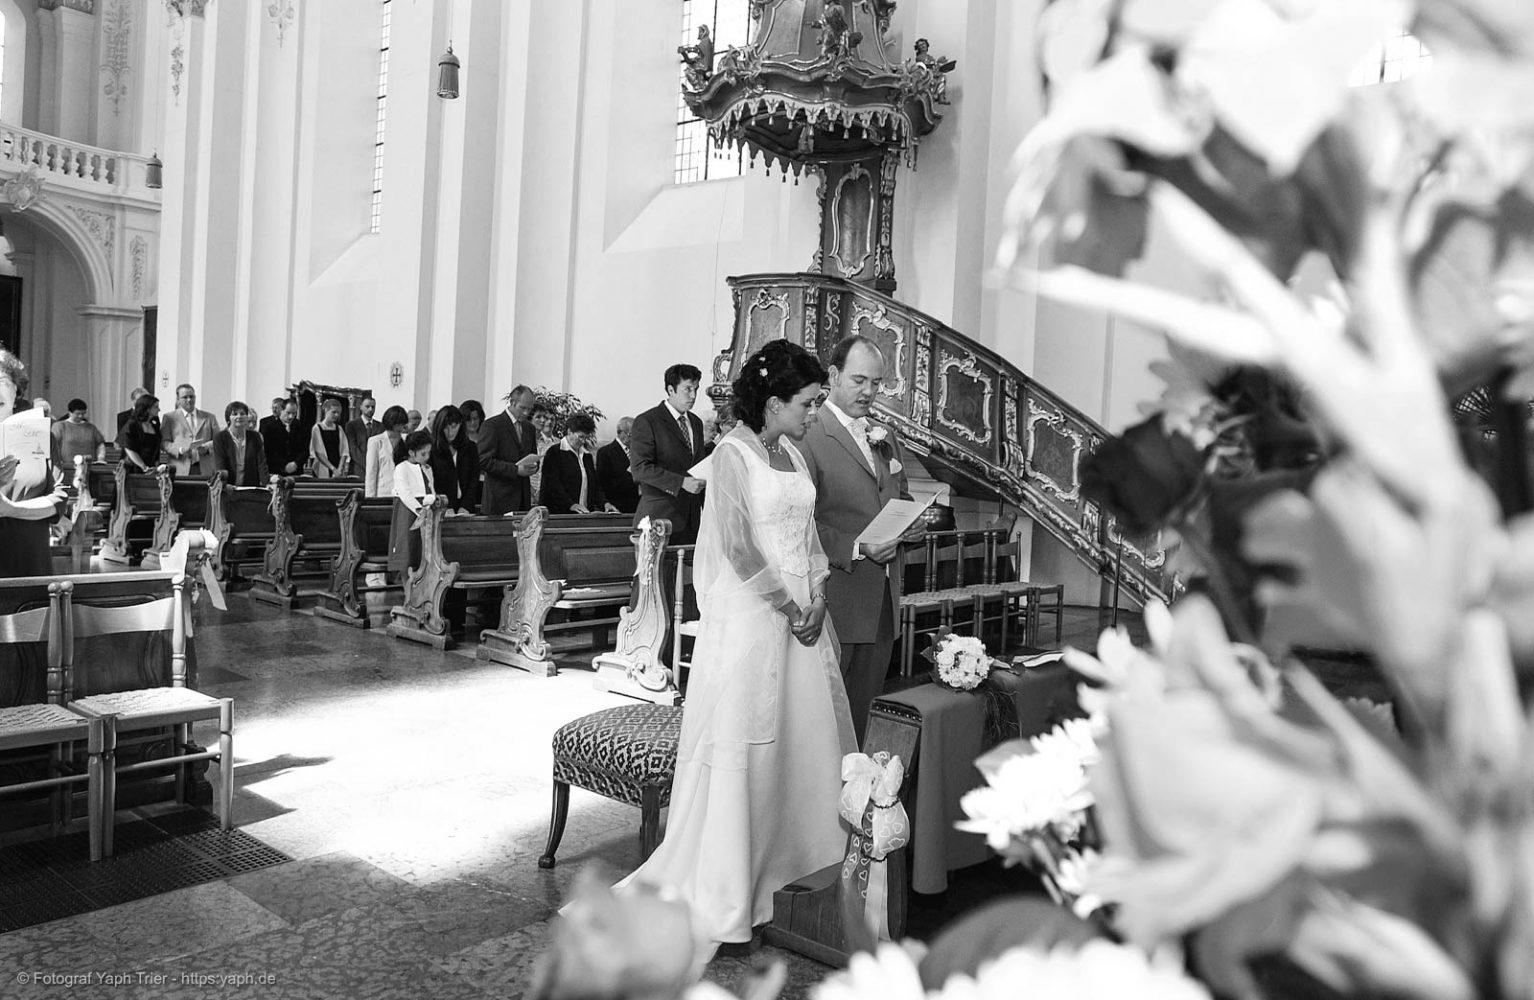 Hochzeitsfotoreportage und Bilder der kirchlichen Trauung Mireille-Marco bei Fotografie Trier - Yaph